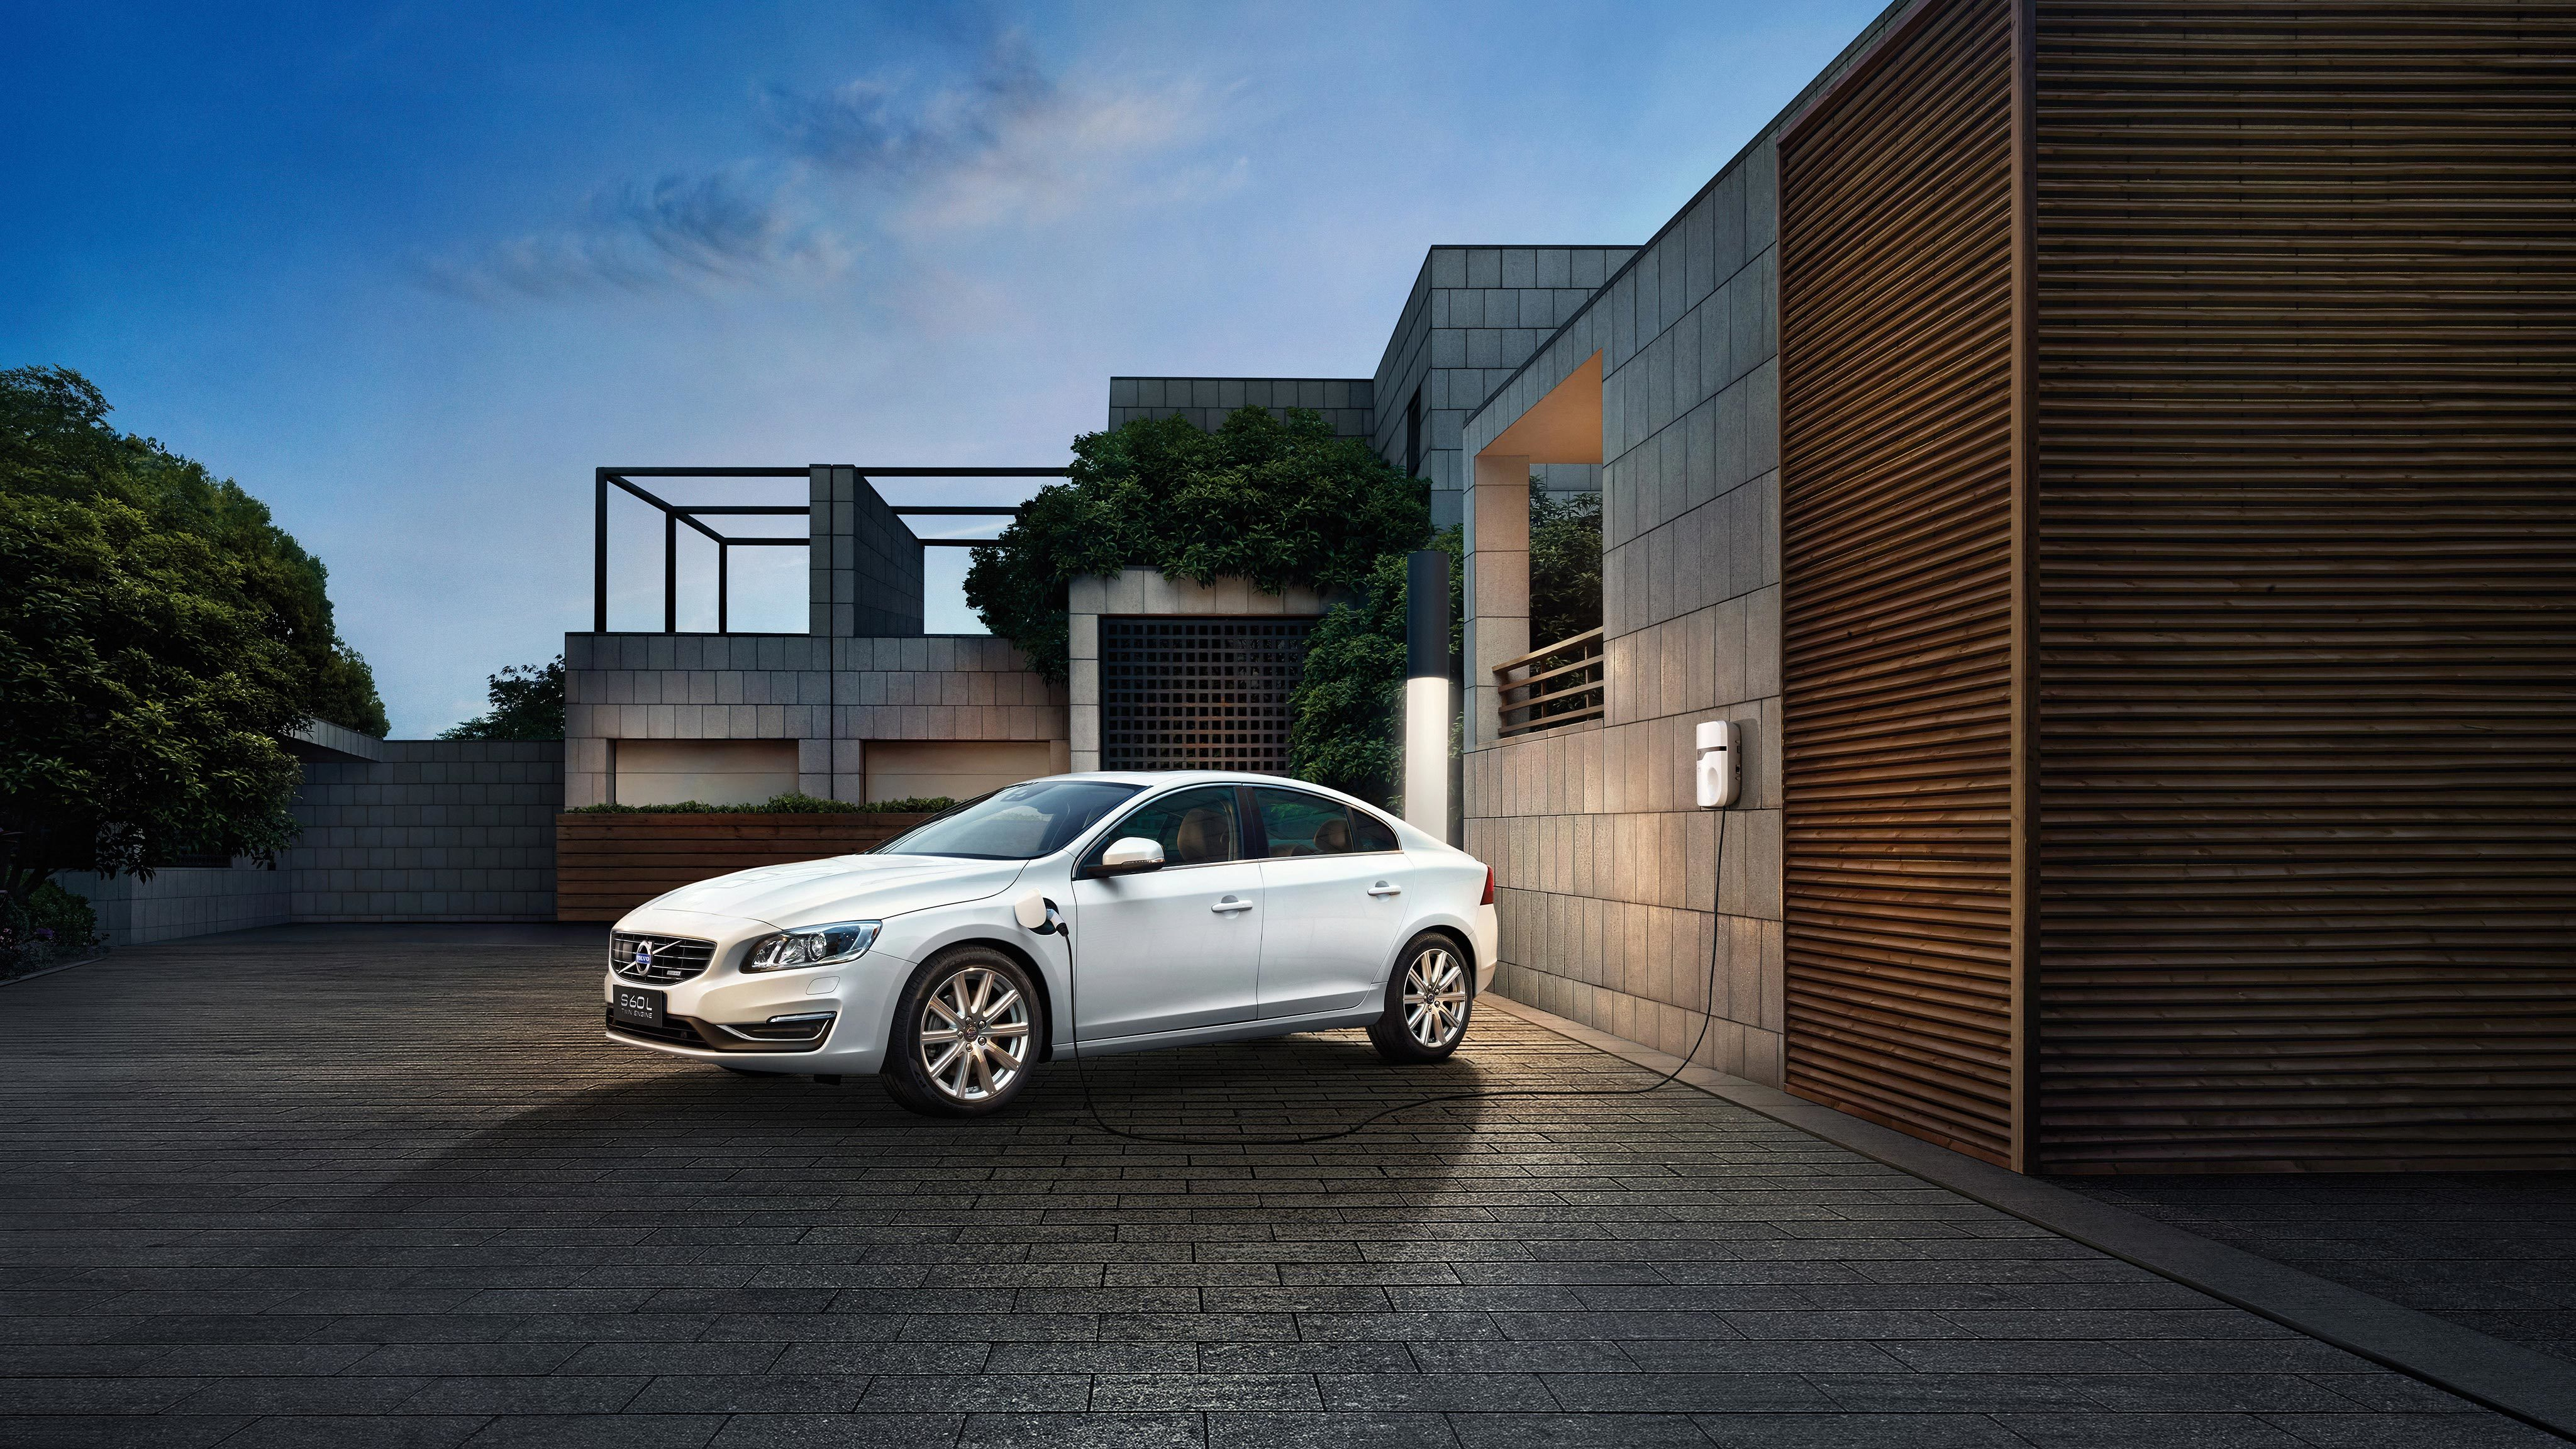 92309 papel de parede 1080x2400 em seu telefone gratuitamente, baixe imagens Volvo, Carros, Vista Lateral, S60 1080x2400 em seu celular